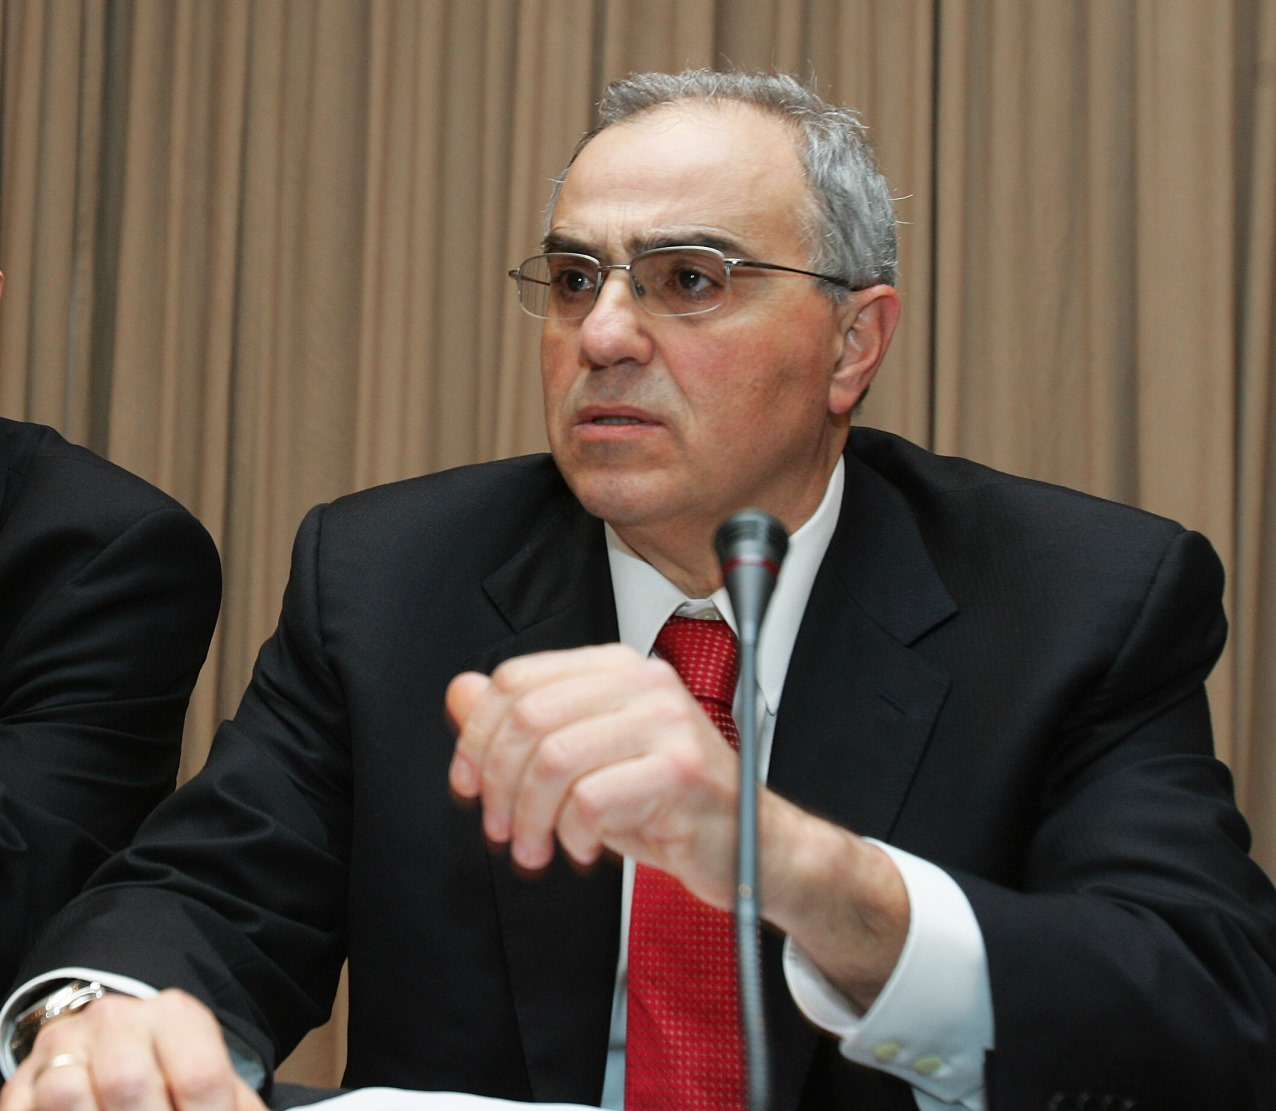 Ο κ. Νικόλαος Καραμούζης στην Τράπεζα Πειραιώς